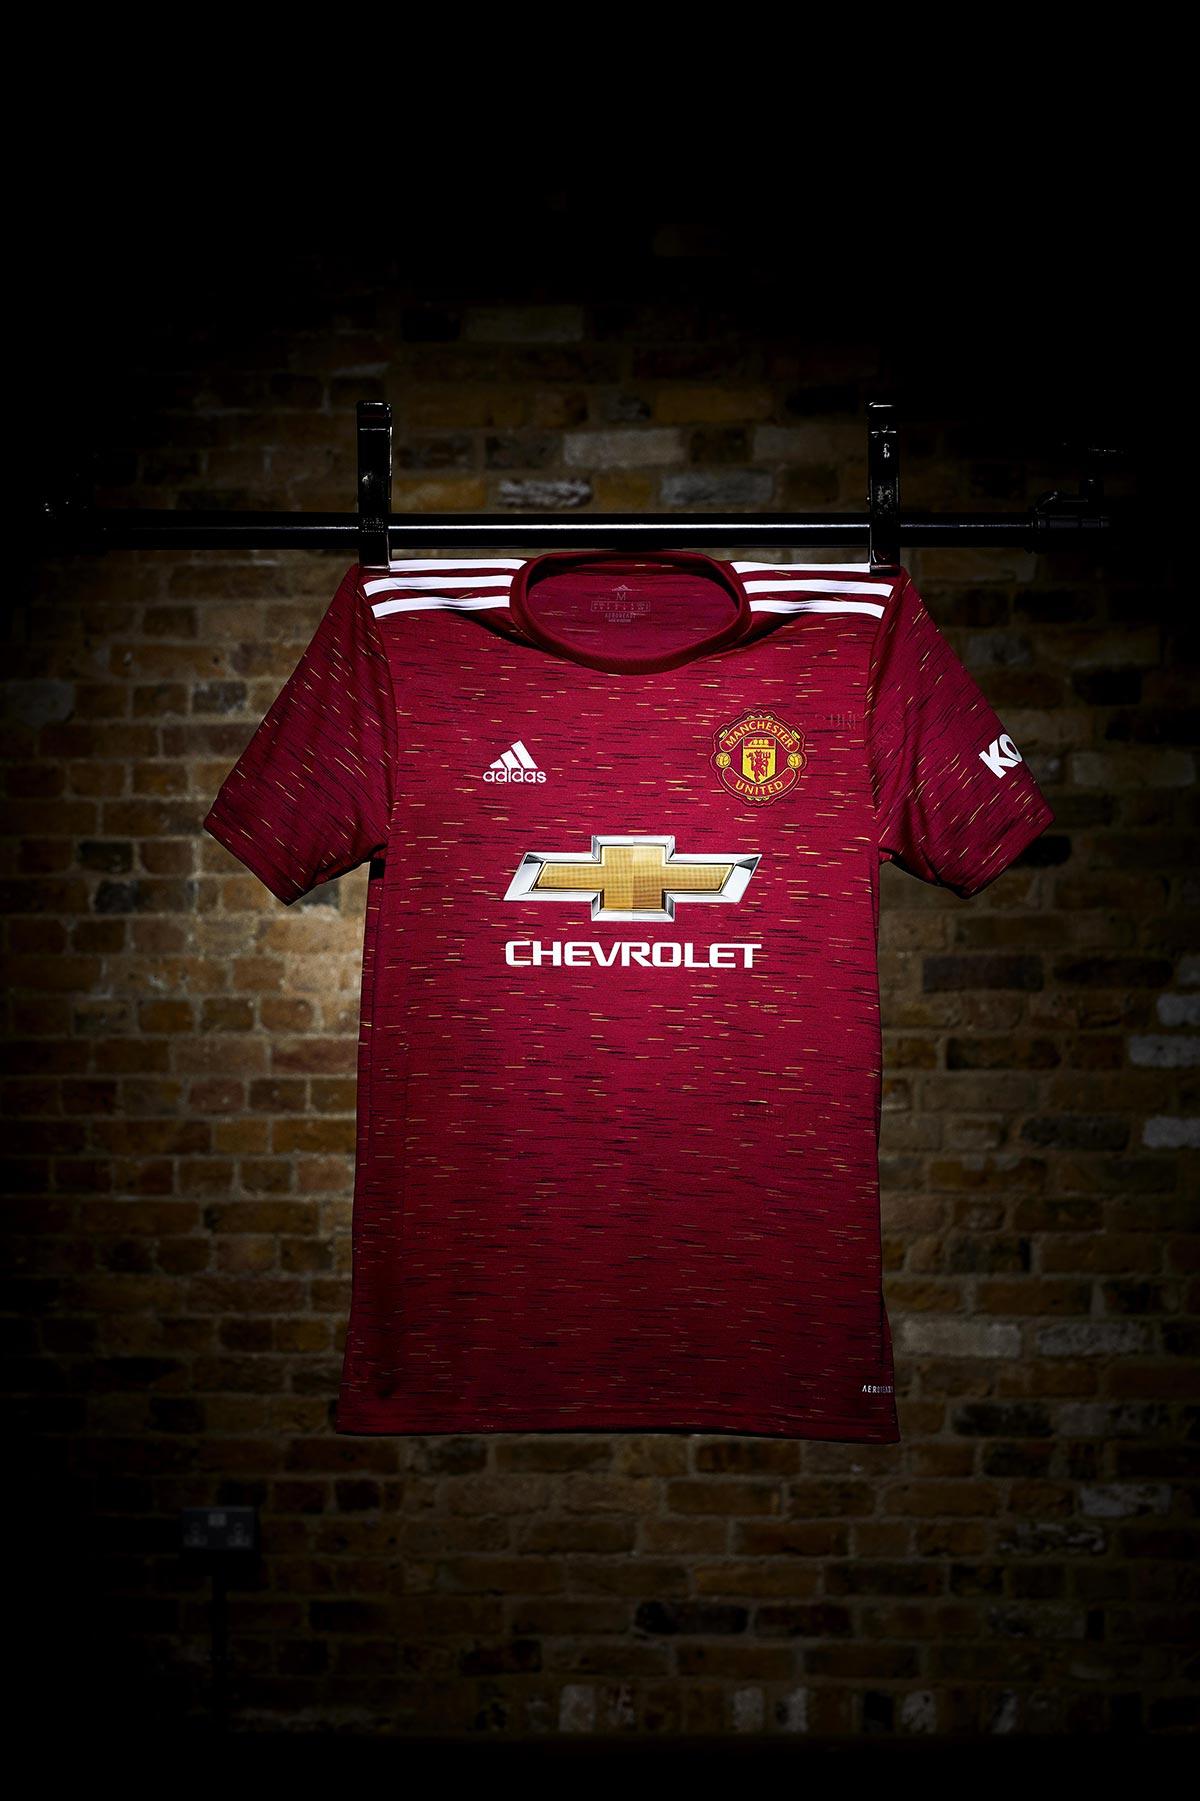 manchester united 2020-21 kit